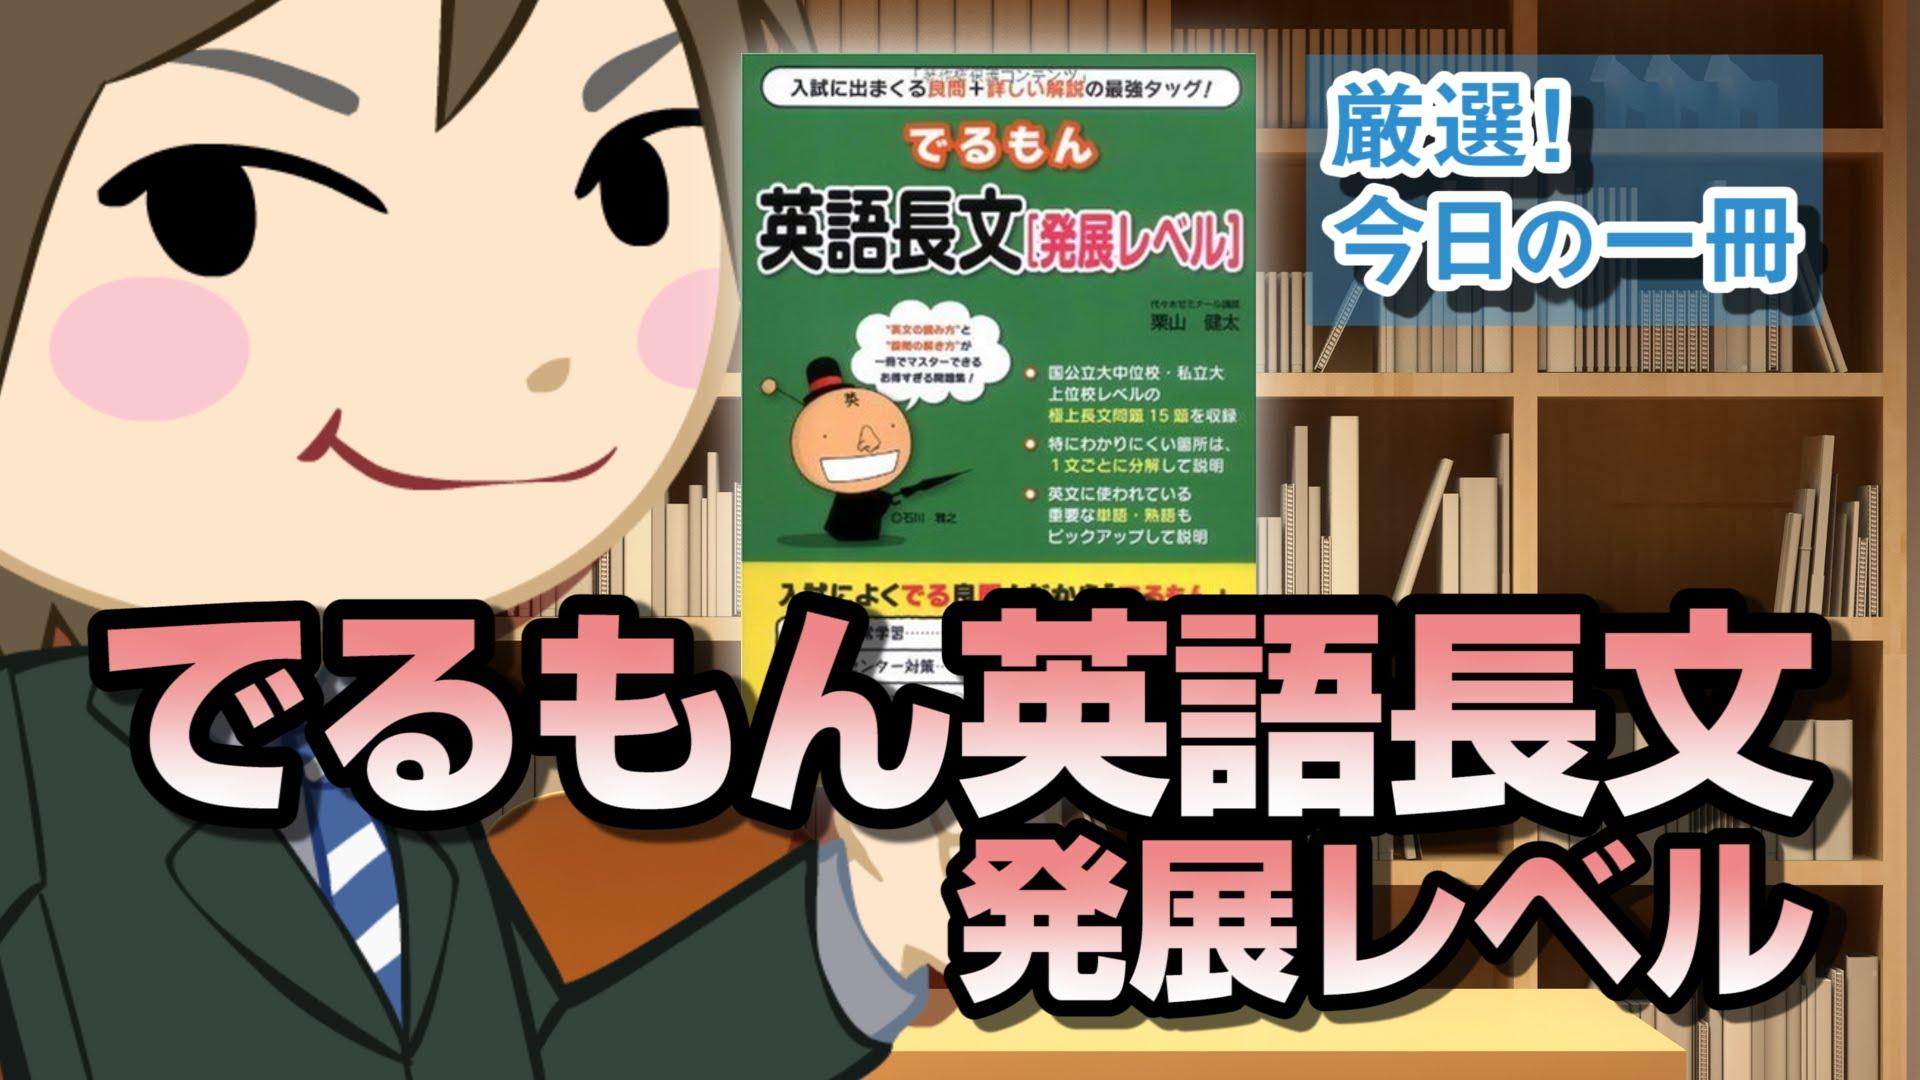 でるもん 英語長文 発展レベル|武田塾厳選! 今日の一冊